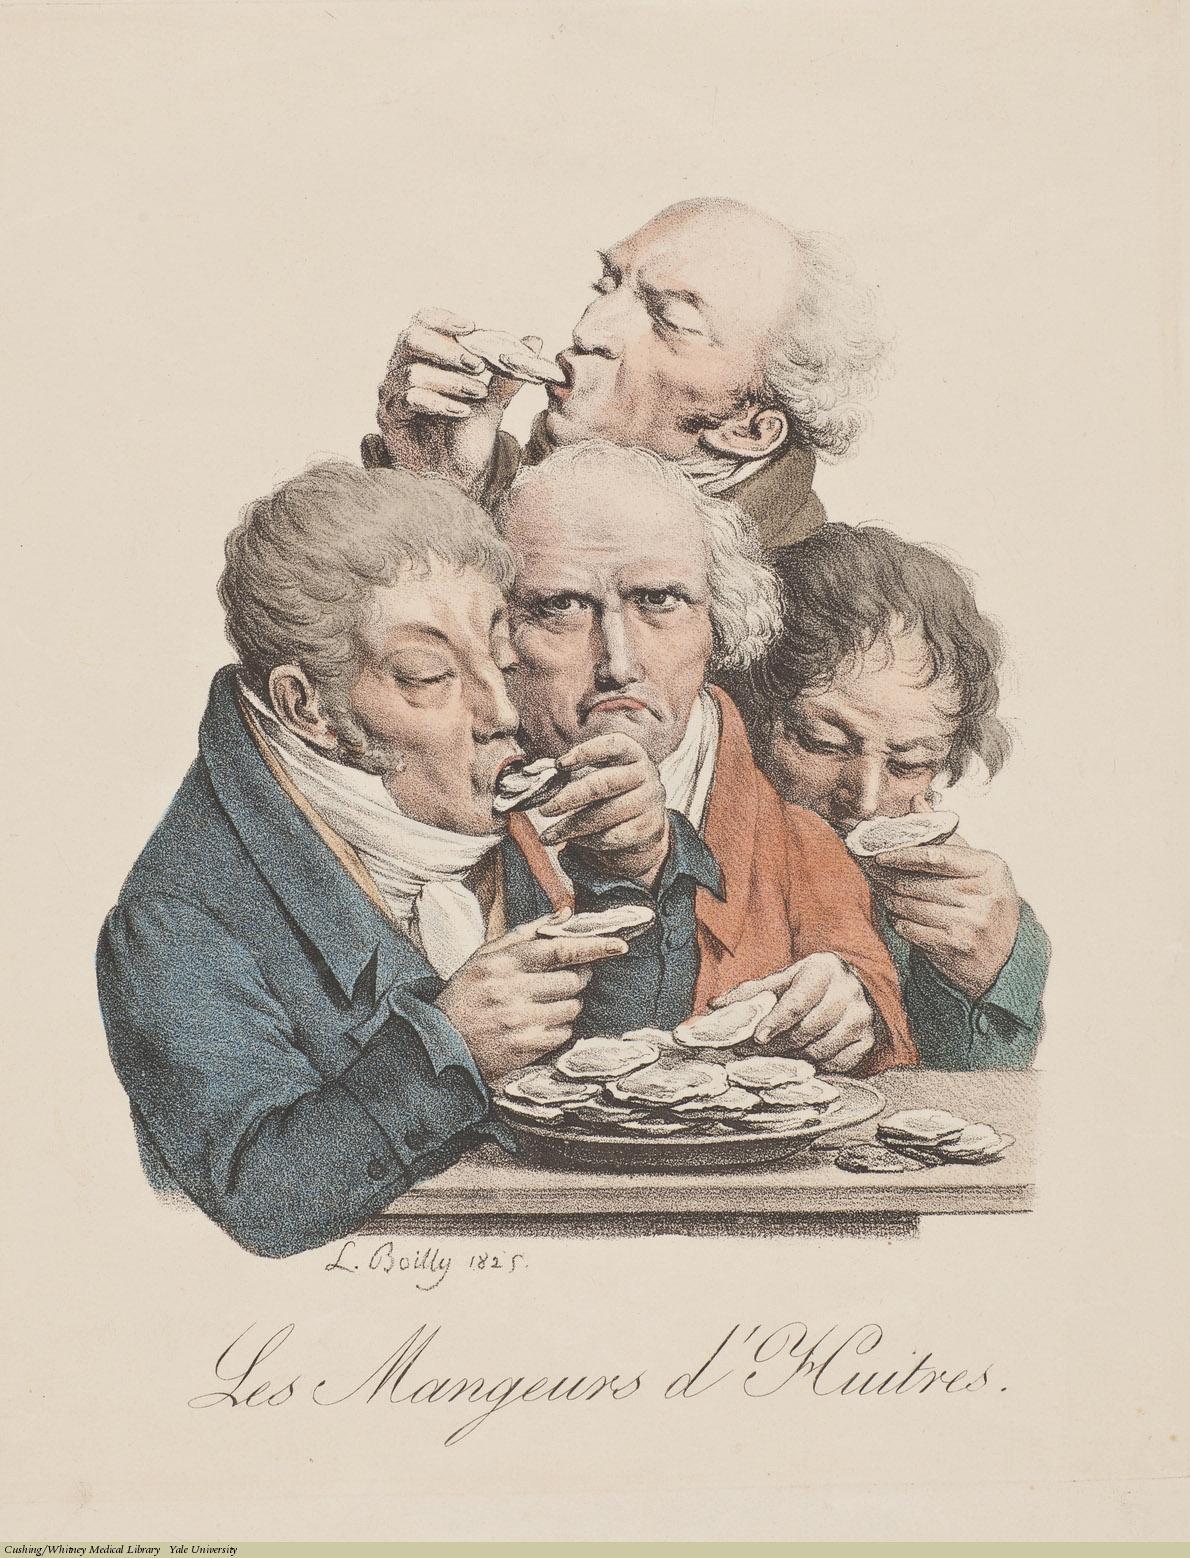 Louis-Léopold Boilly, Les Mangeurs d'Huitres (aphrodisiacs), Lithograph, 1825.